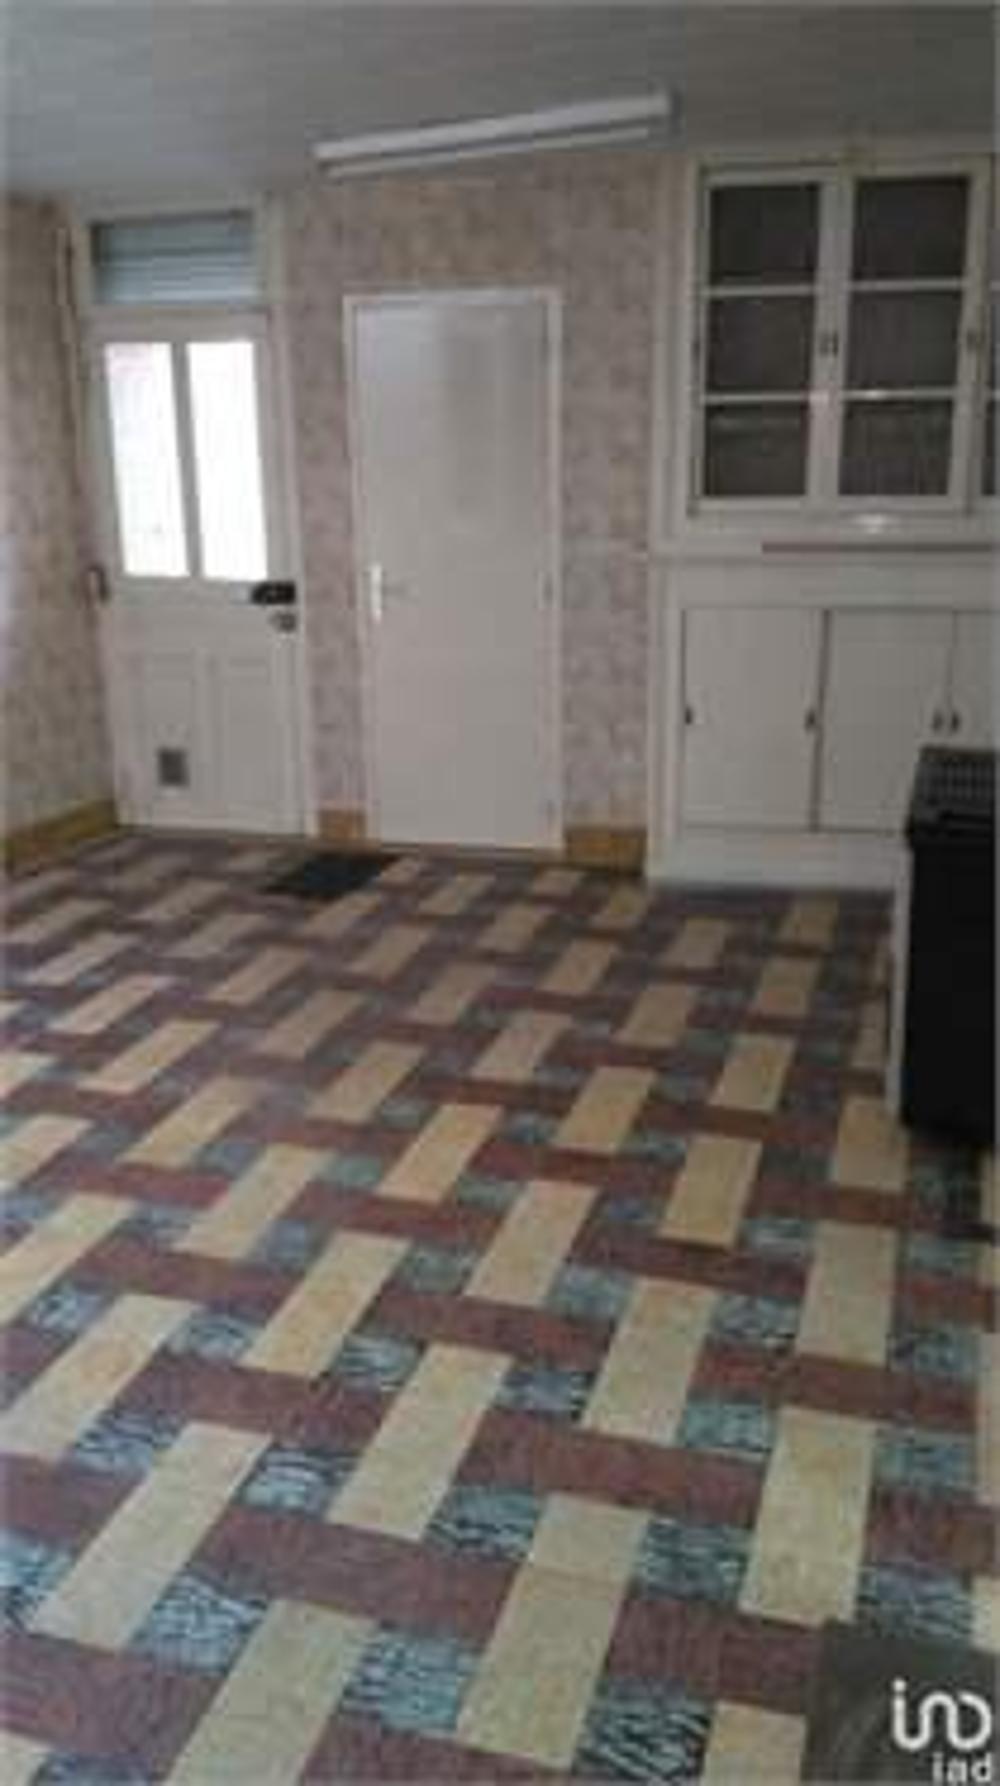 Escautpont Nord Apartment Bild 3573272